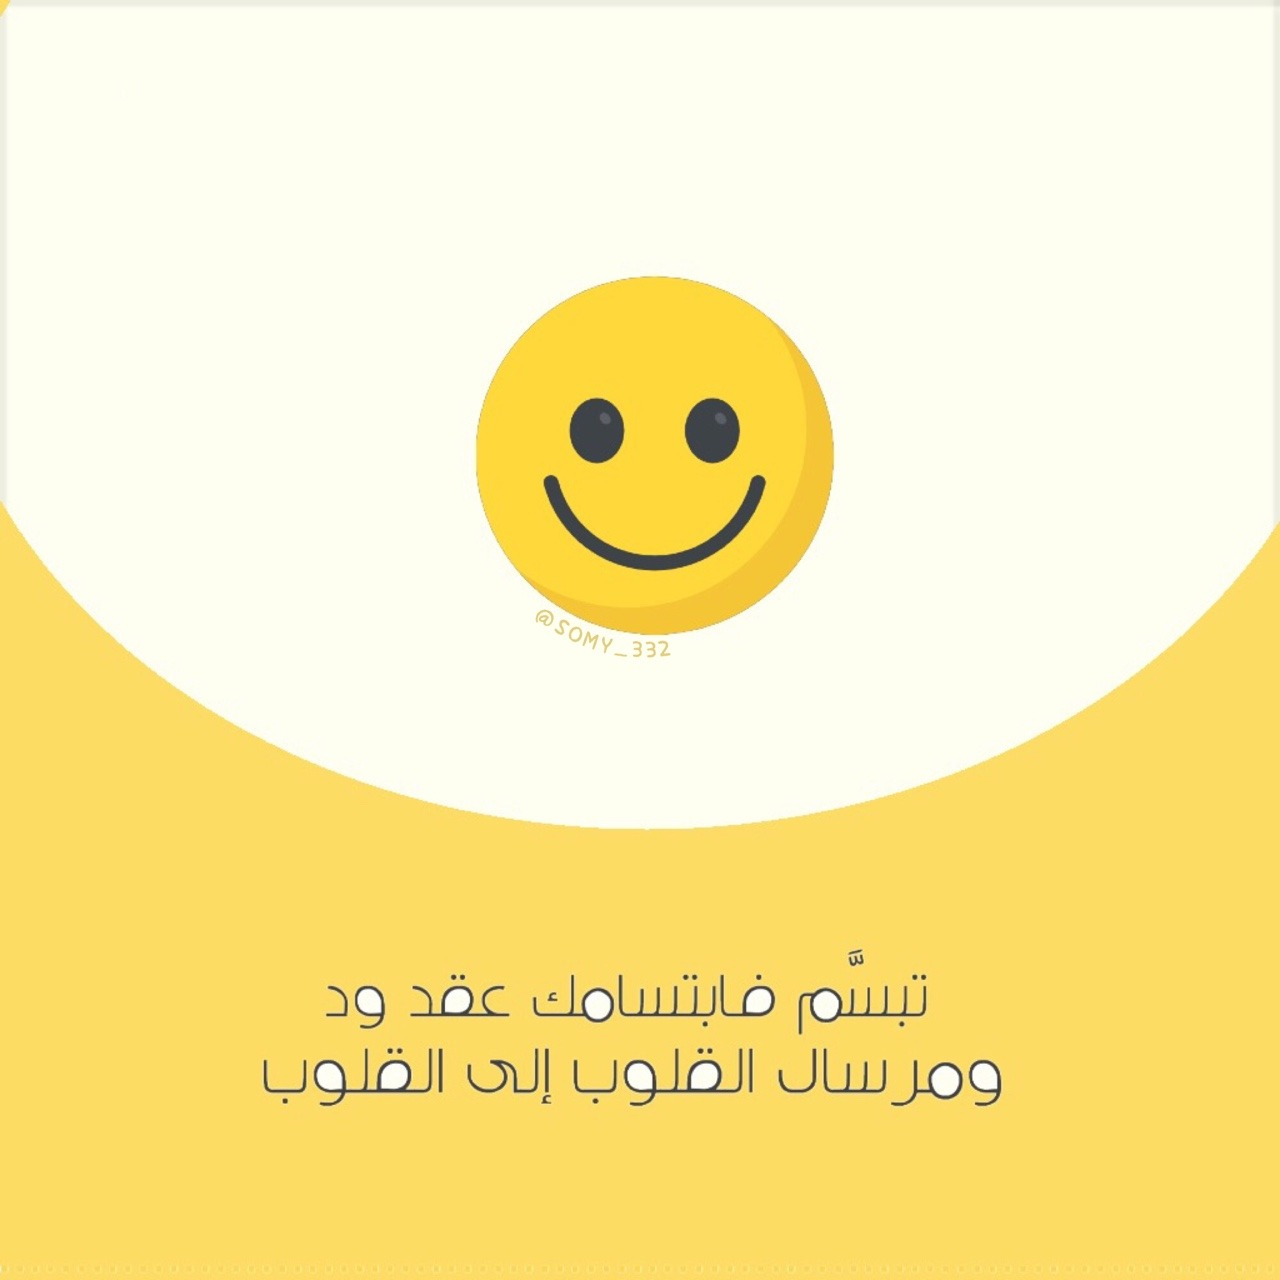 كلام عن الابتسامة الجميلة والضحكة الحلوة , تاملوا الابتسامات اليومية